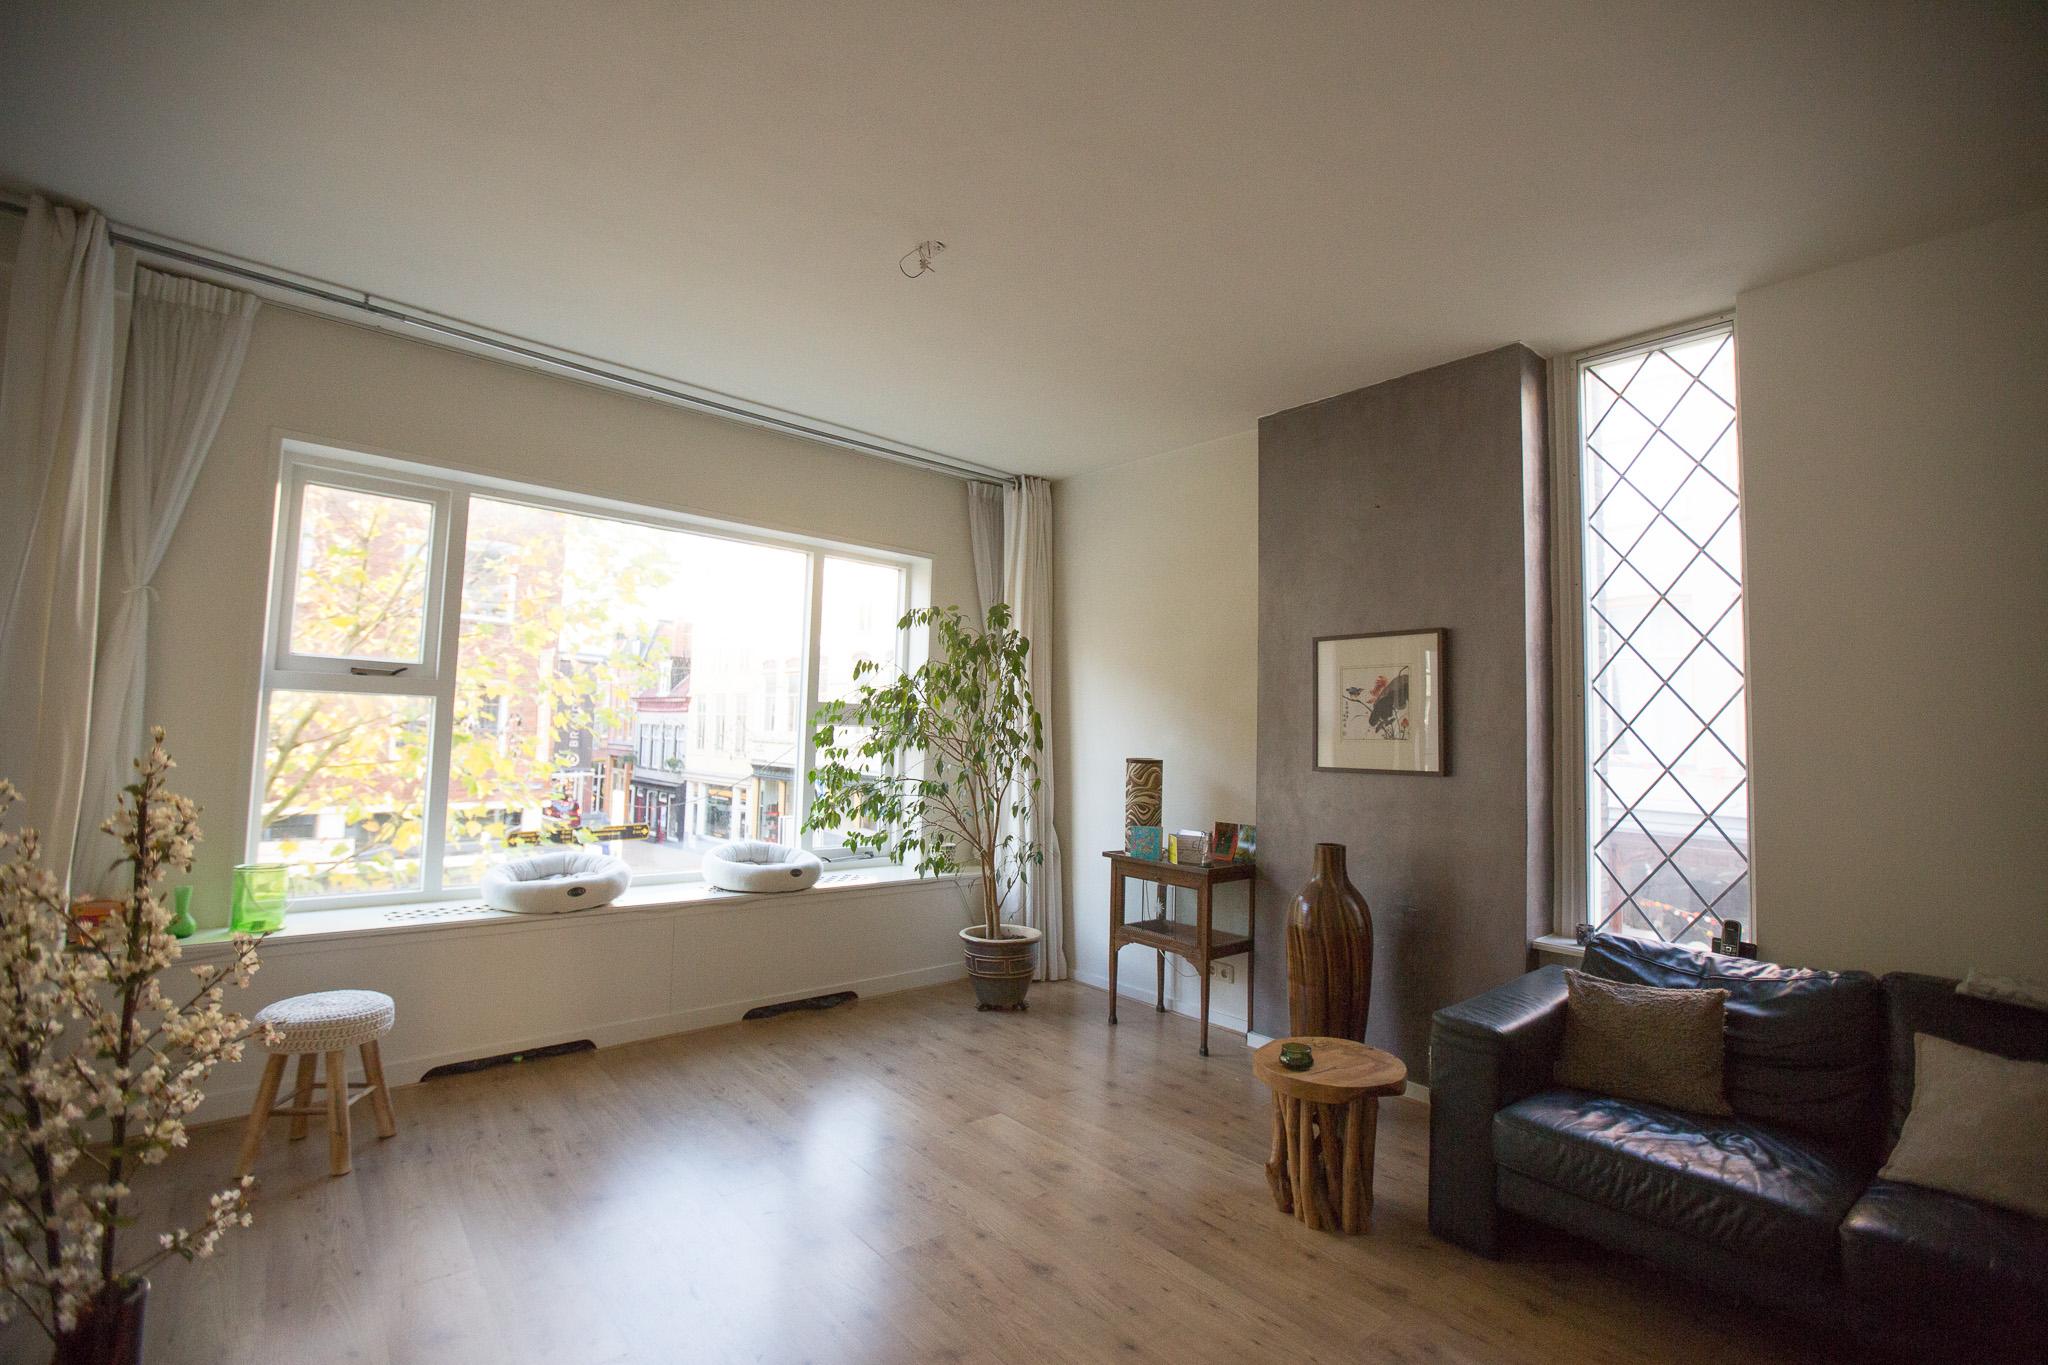 Kamers en appartementen in Groningen - Beauvast Verhuur